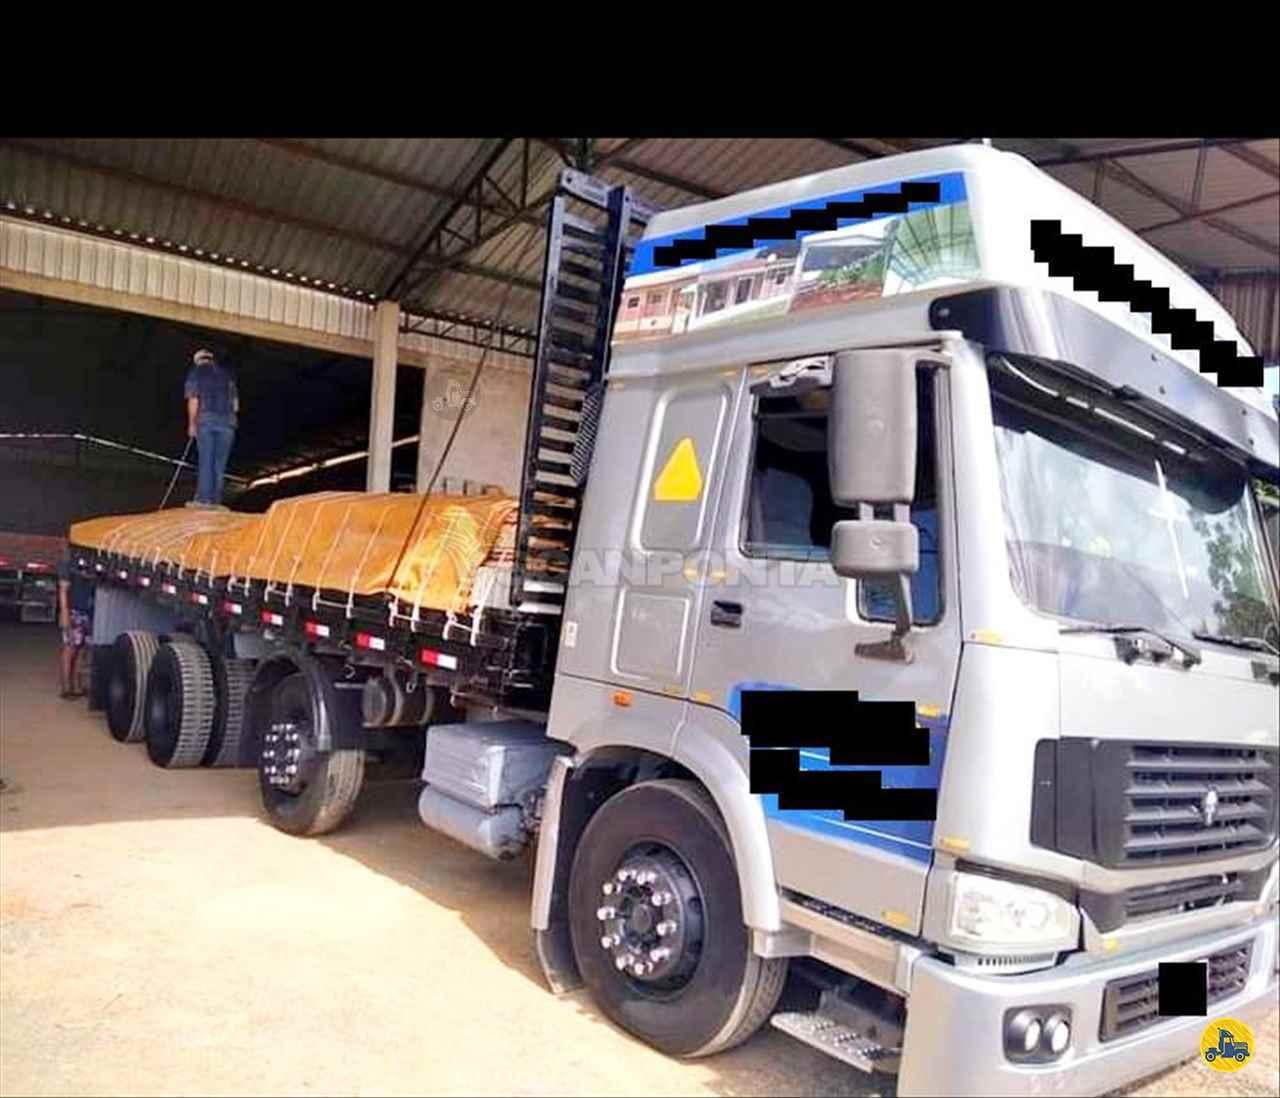 CAMINHAO SINOTRUK HOWO 380 Carga Seca BiTruck 8x2 Scanponta Caminhões Peças e Serviços PONTA GROSSA PARANÁ PR